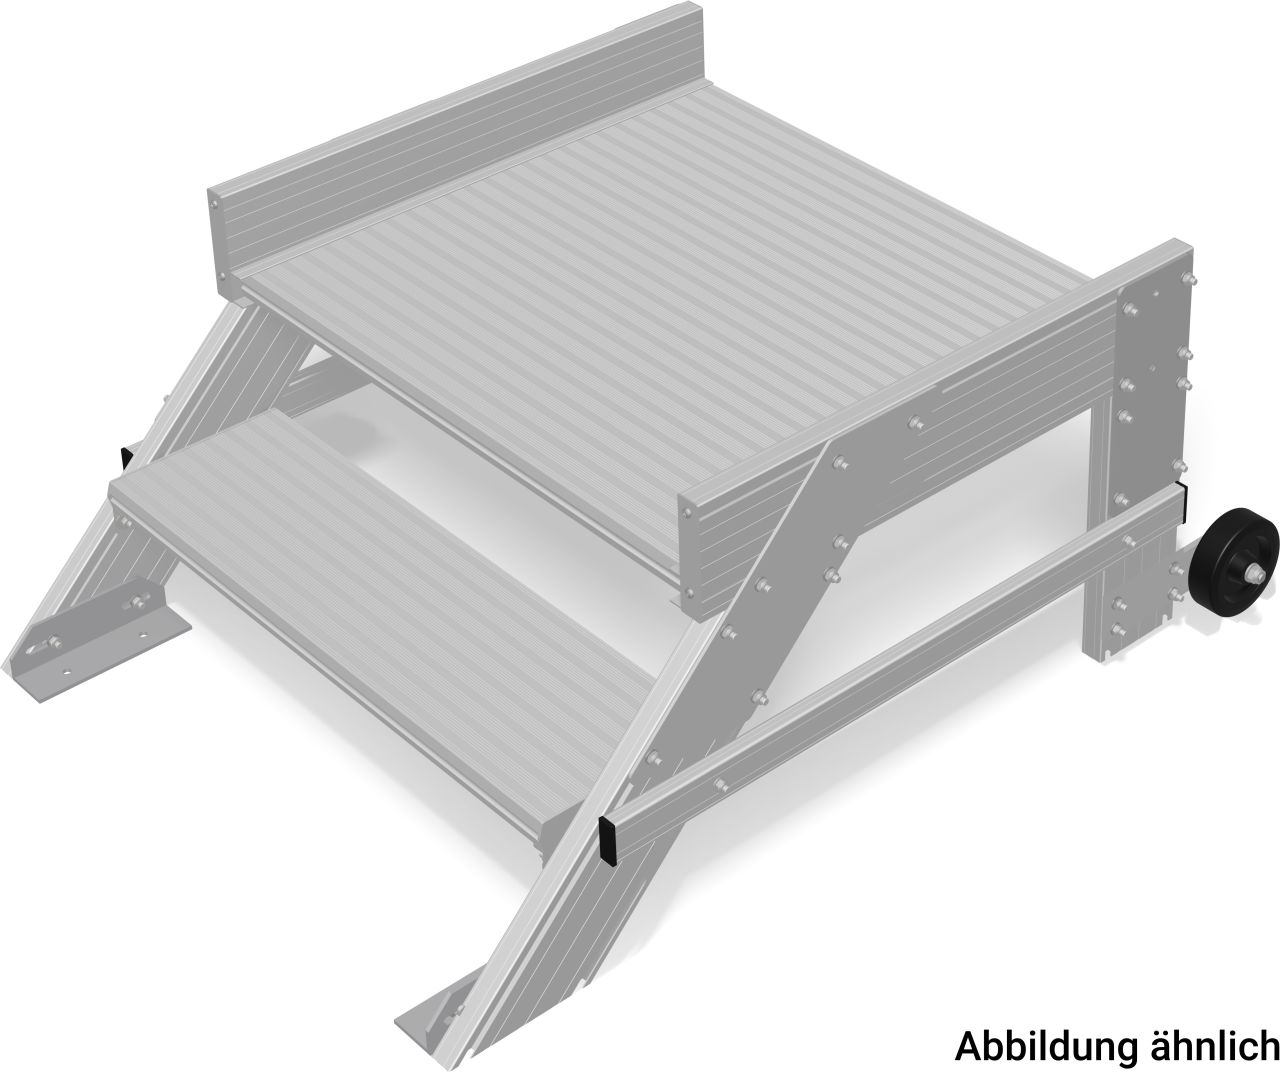 Лёгкий передвижной трап с платформой из алюминиевого профиля.